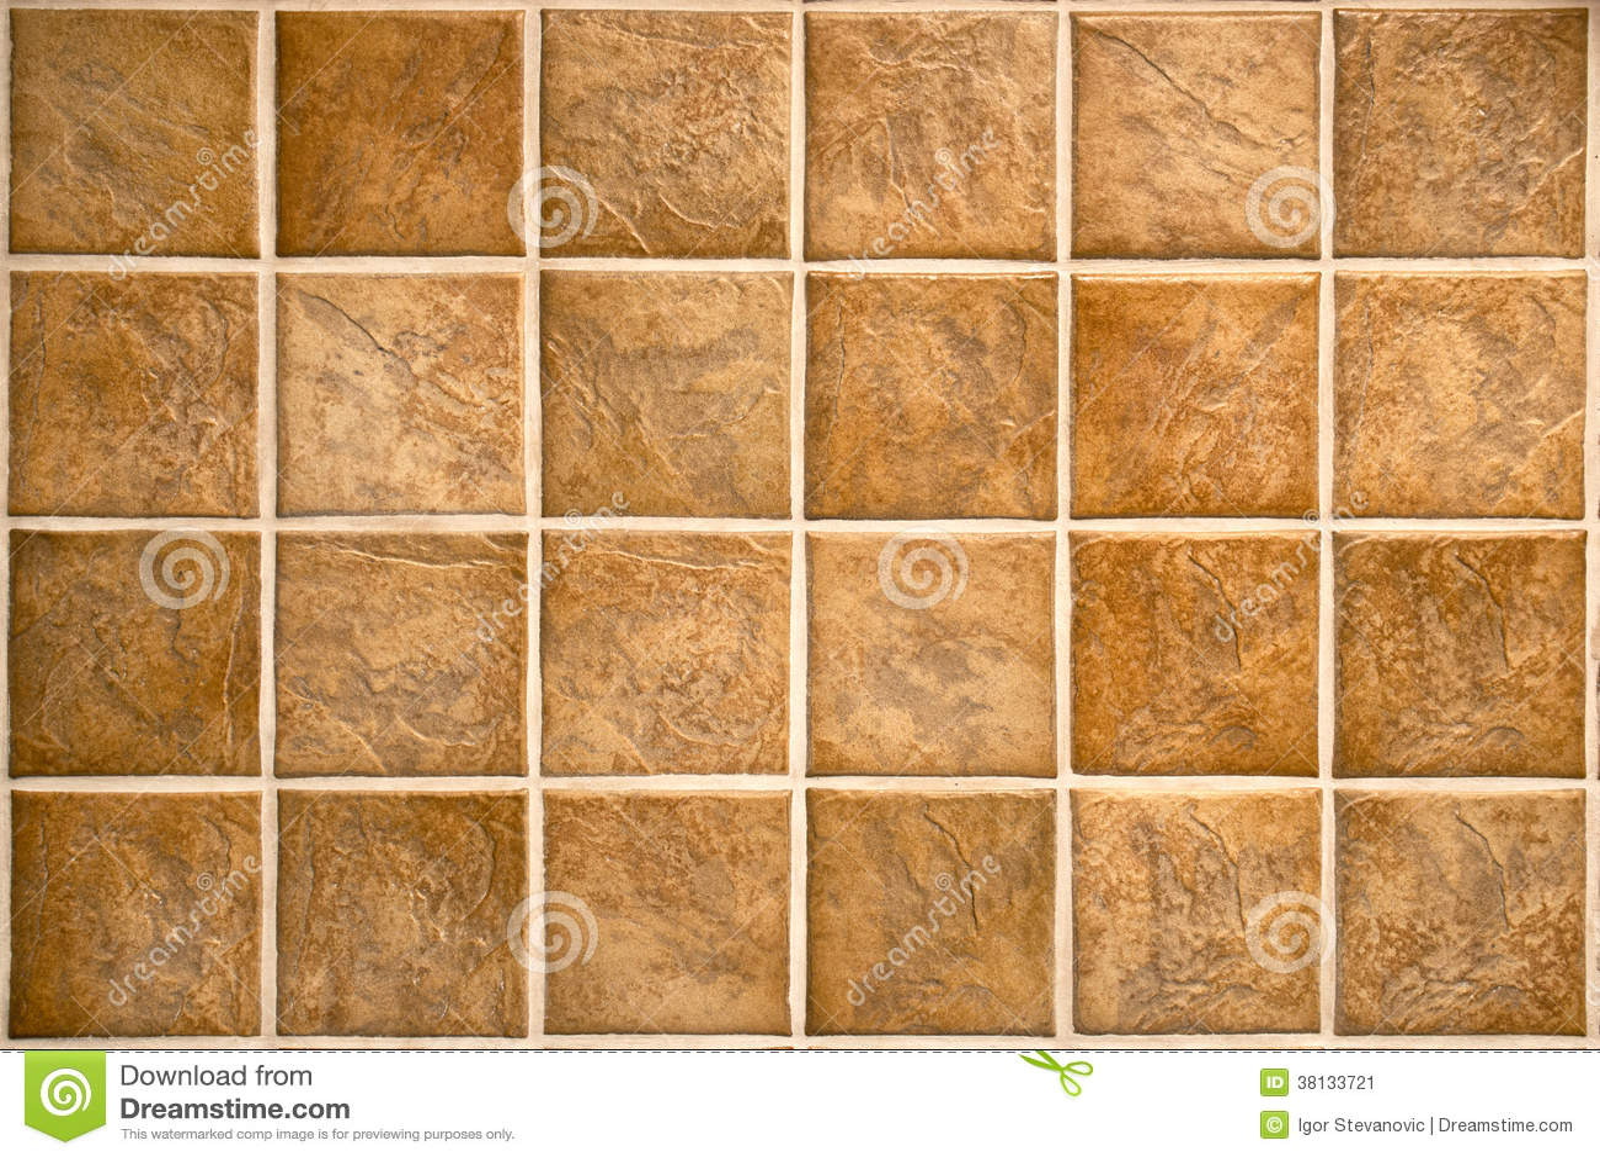 Baldosas cer micas del mosaico beige para la pared o el for Mosaico para piso